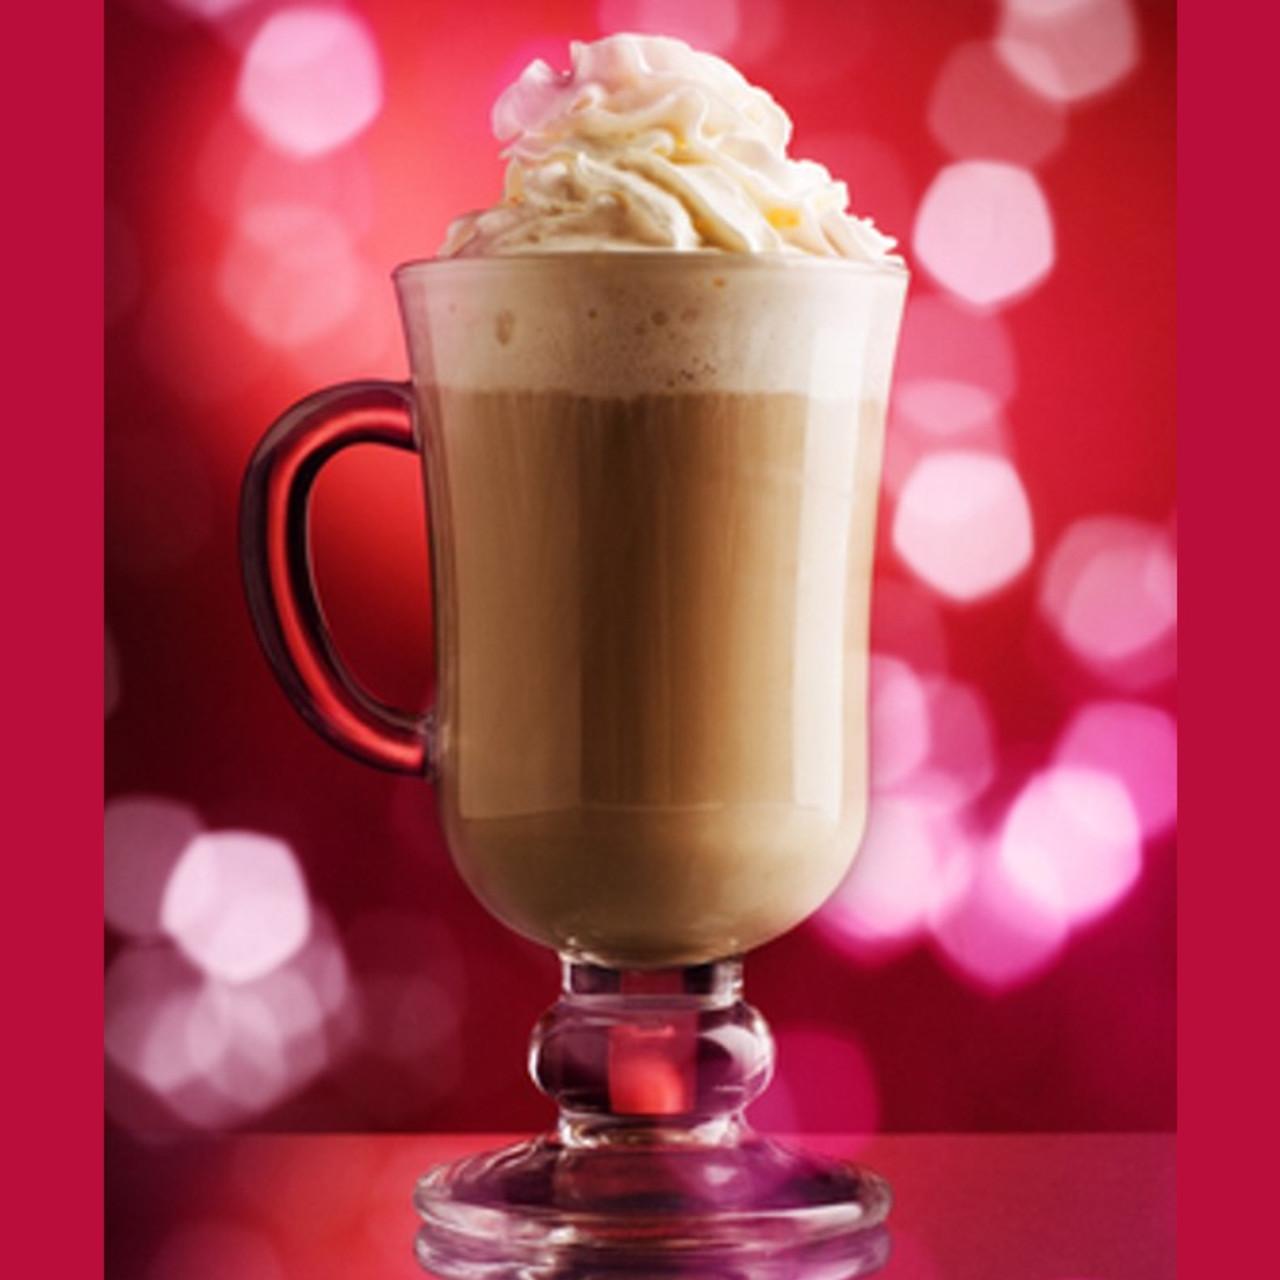 Irish Cream Coffee Ceramic Candle